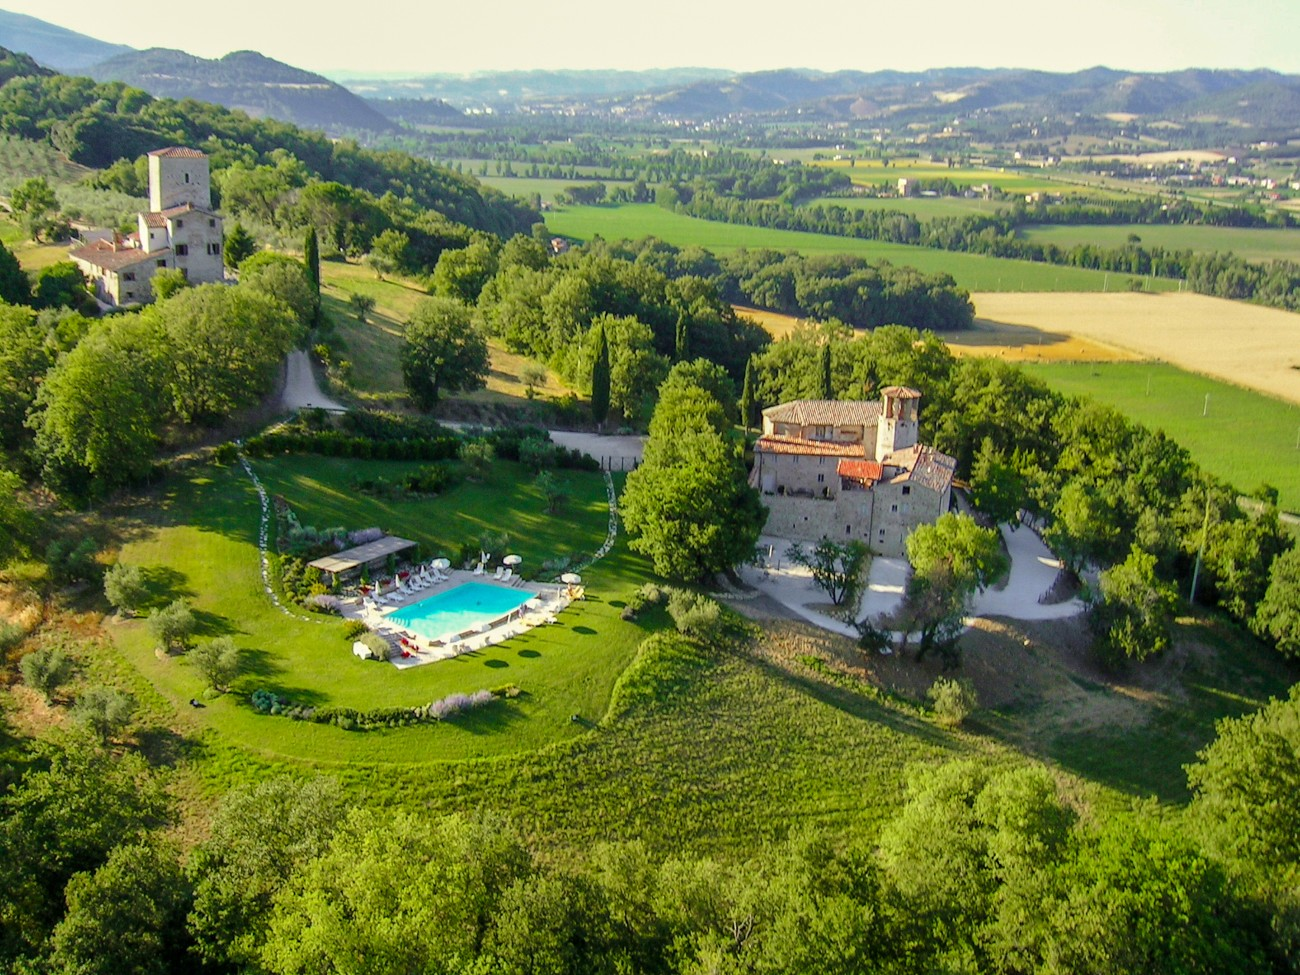 tuscany vacation rentals Castle Tarri